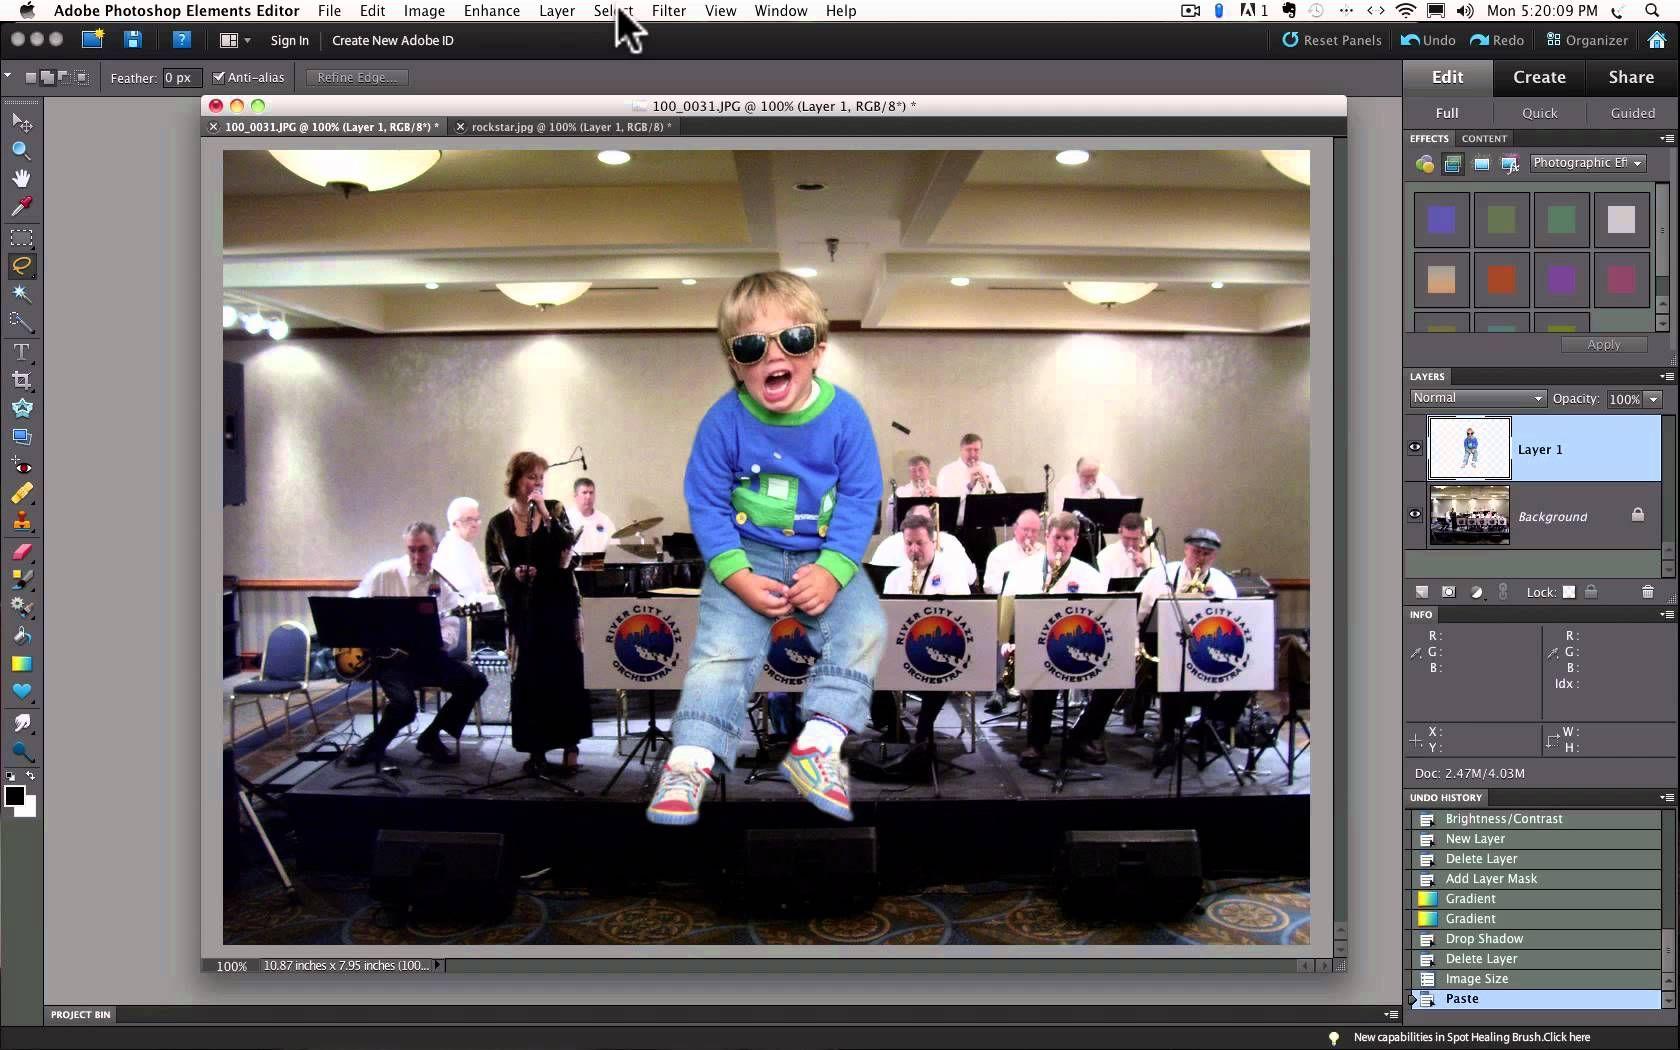 Httpessential photoshop elementsphotoshop elements photoshop elements 11 tutorial getting started introduction to photoshop elements 11 including organizer and importing photos baditri Choice Image